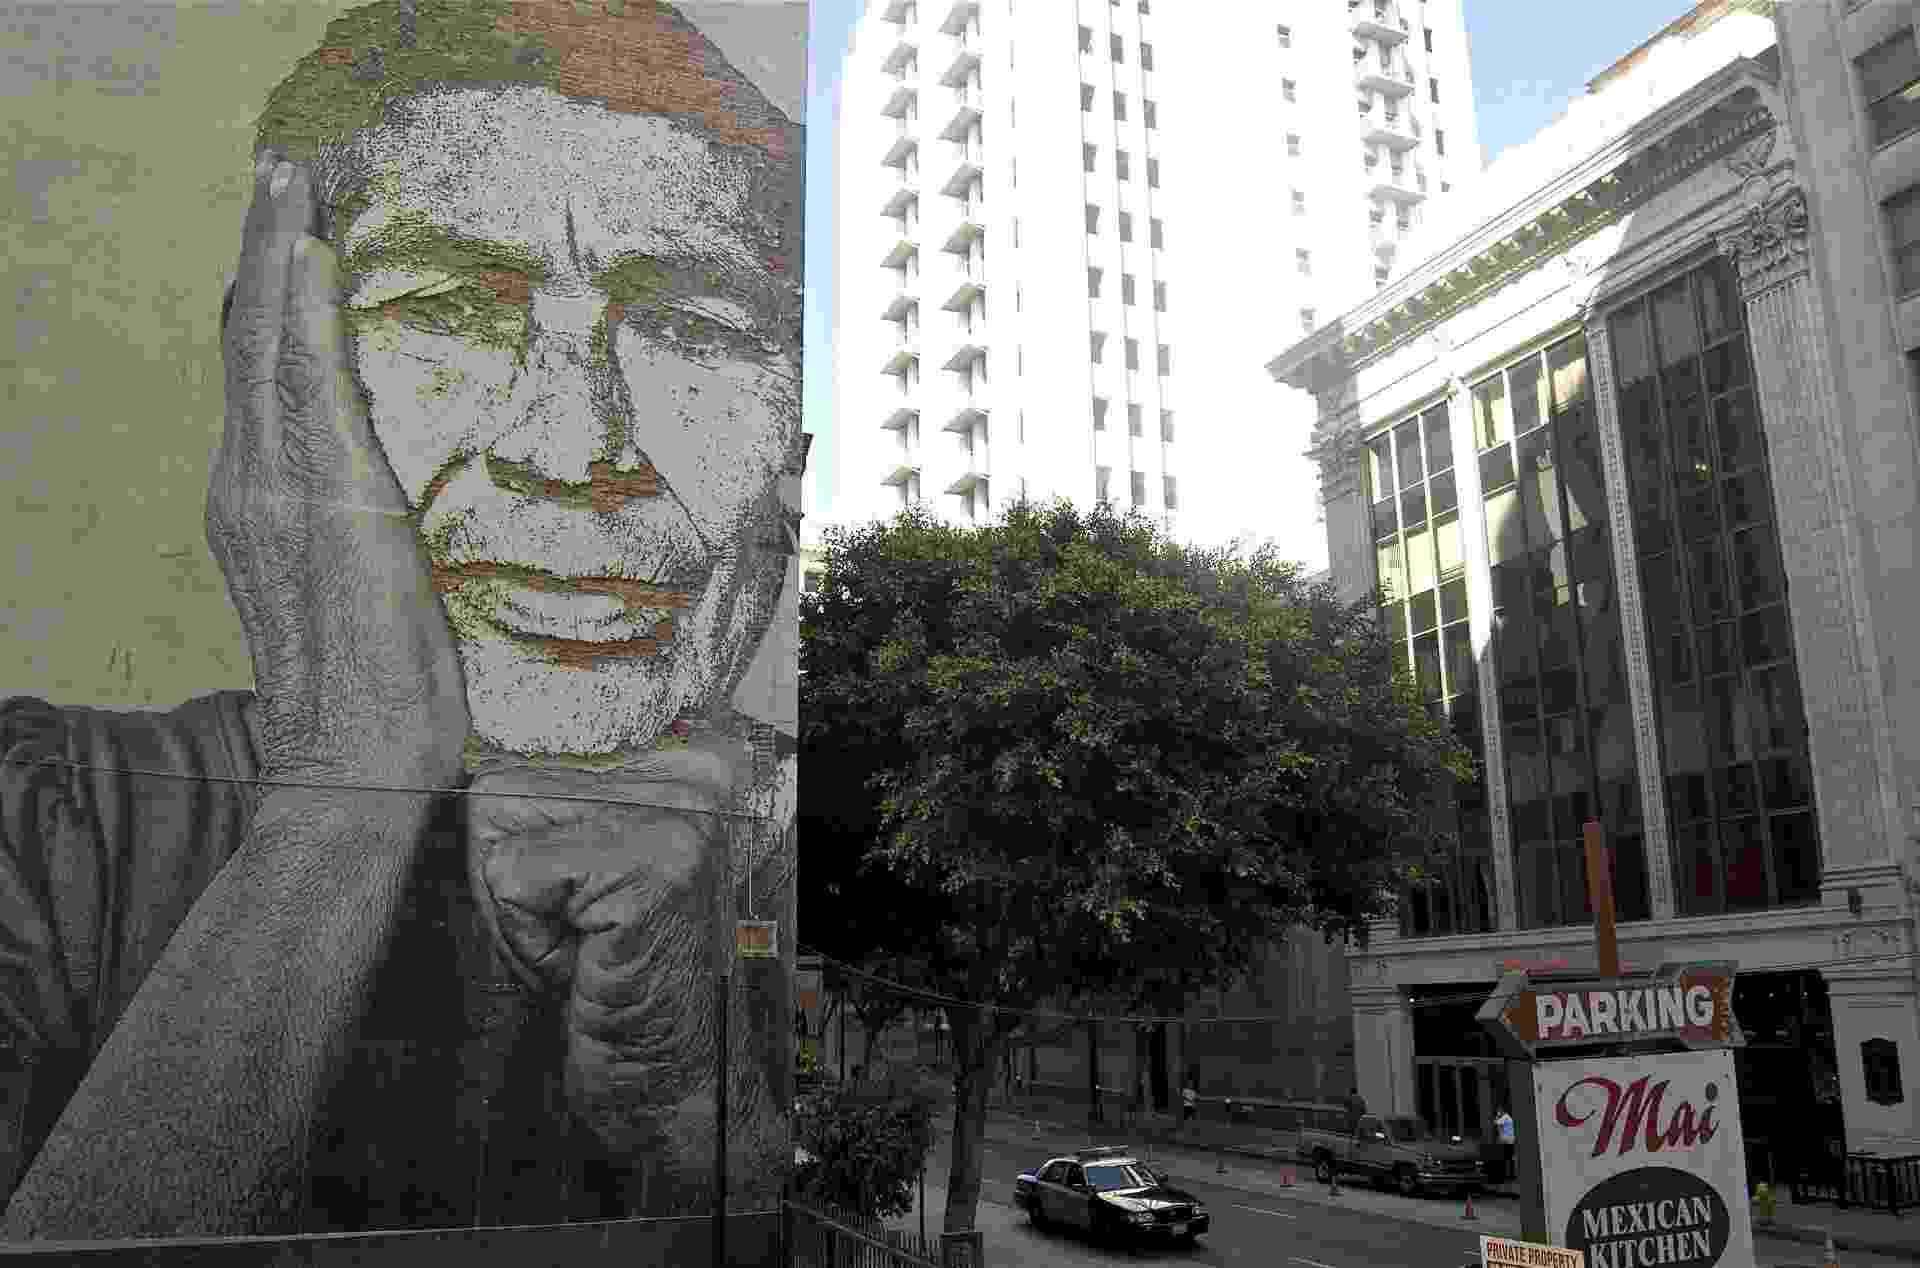 01.set.2012 - Obra do artista português Alexandre Farto, conhecido como Vhils, em parede de Lisboa - EFE